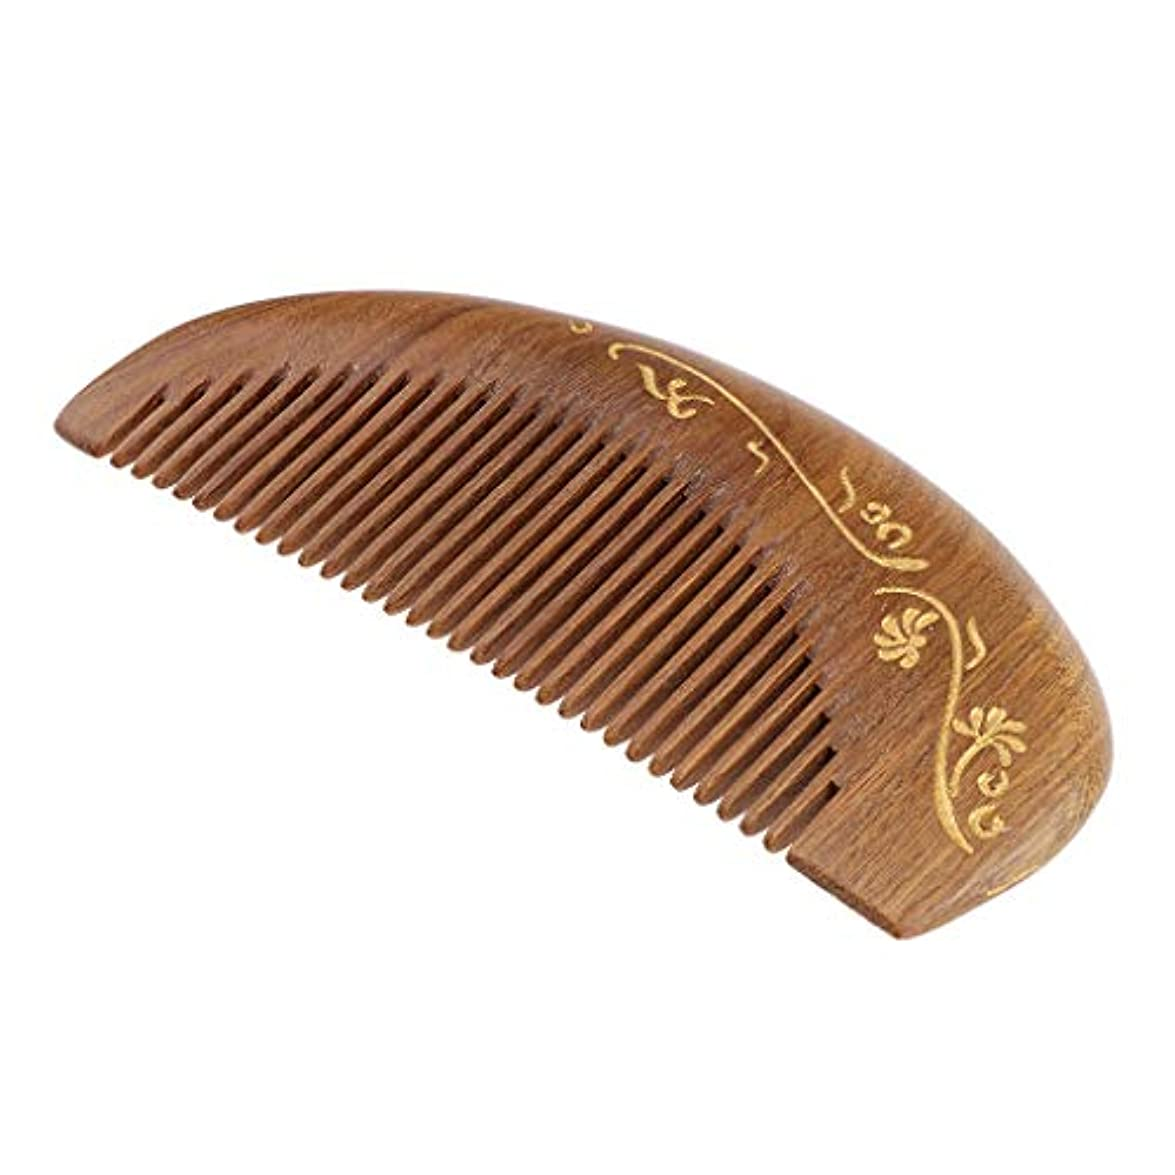 造船獣食用帯電防止櫛 ウッドヘアーコーム 頭皮マッサージ 櫛 レトロ 4仕様選べ - #2